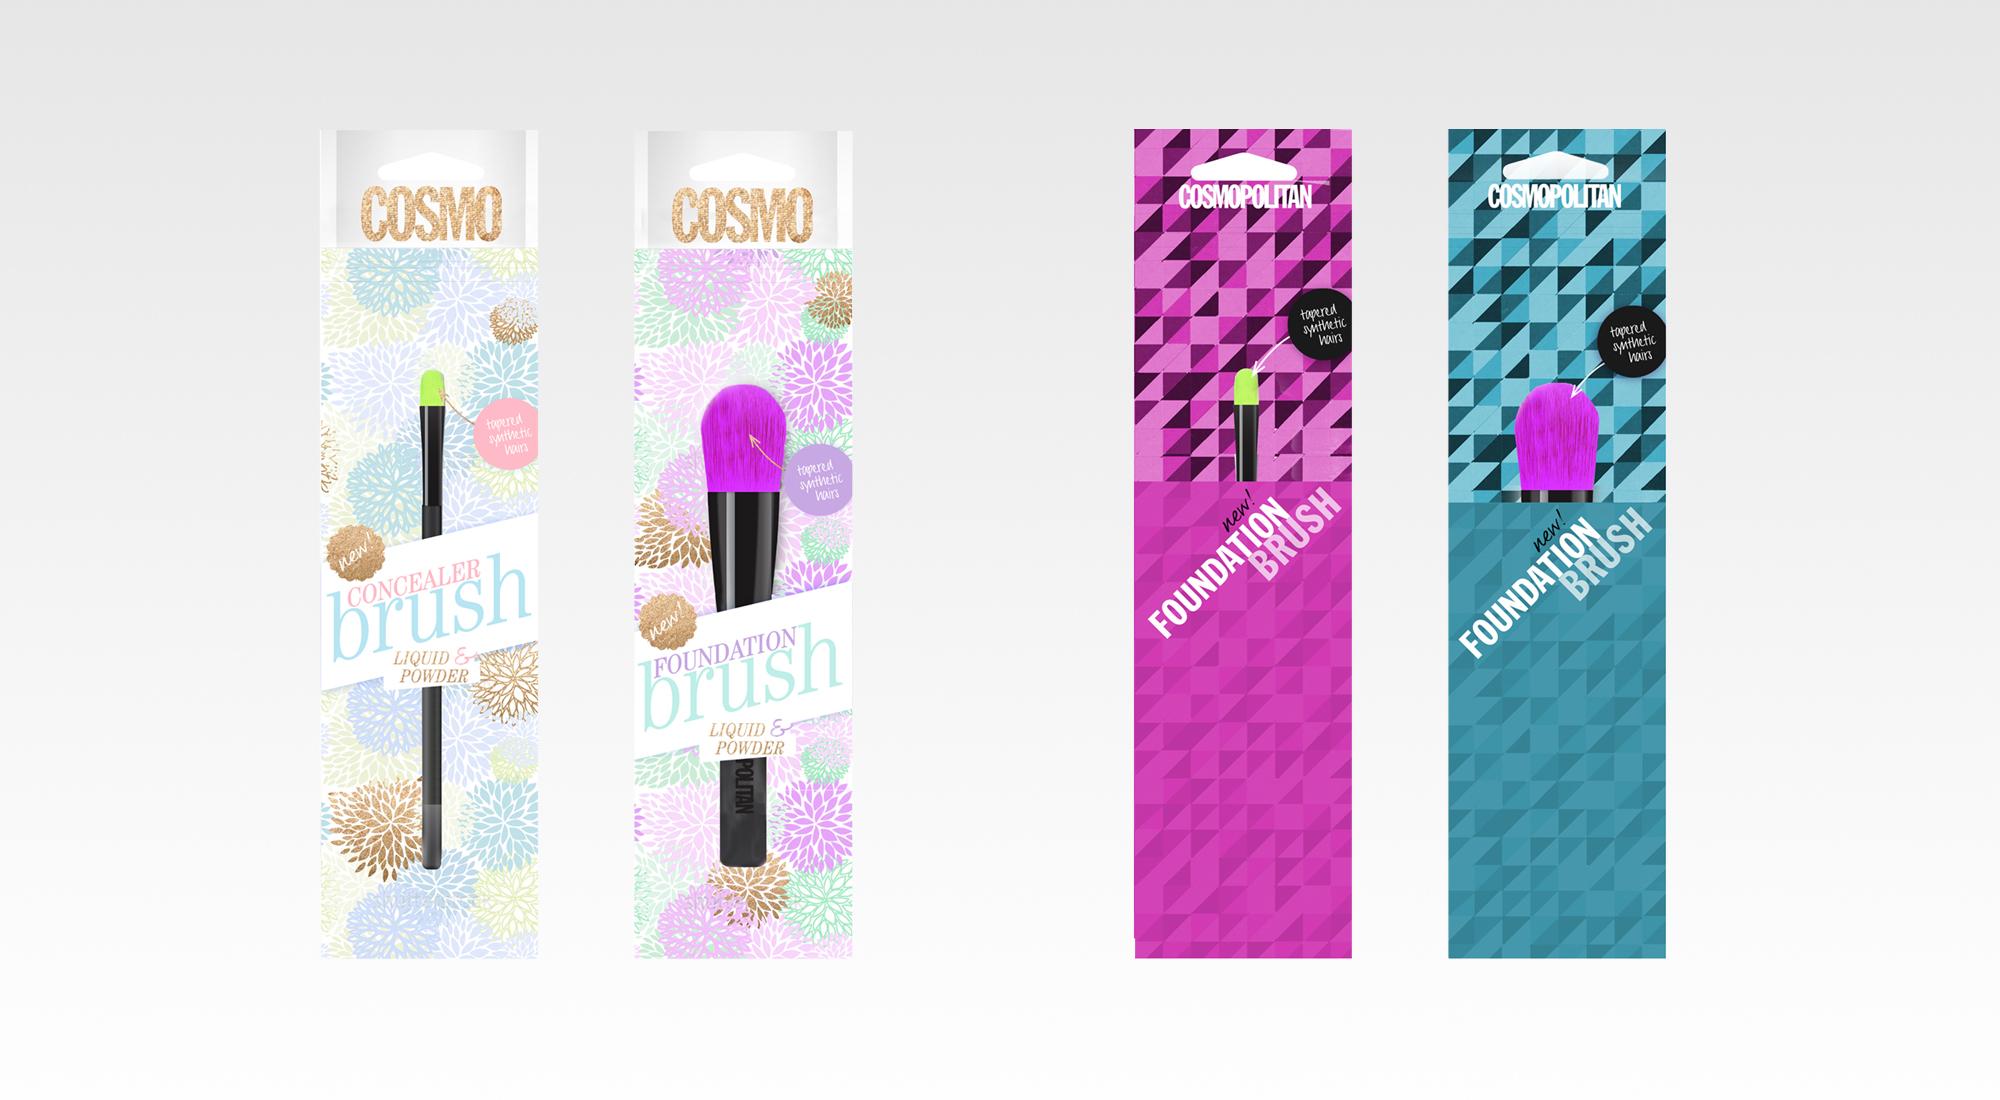 004_Packaging.jpg